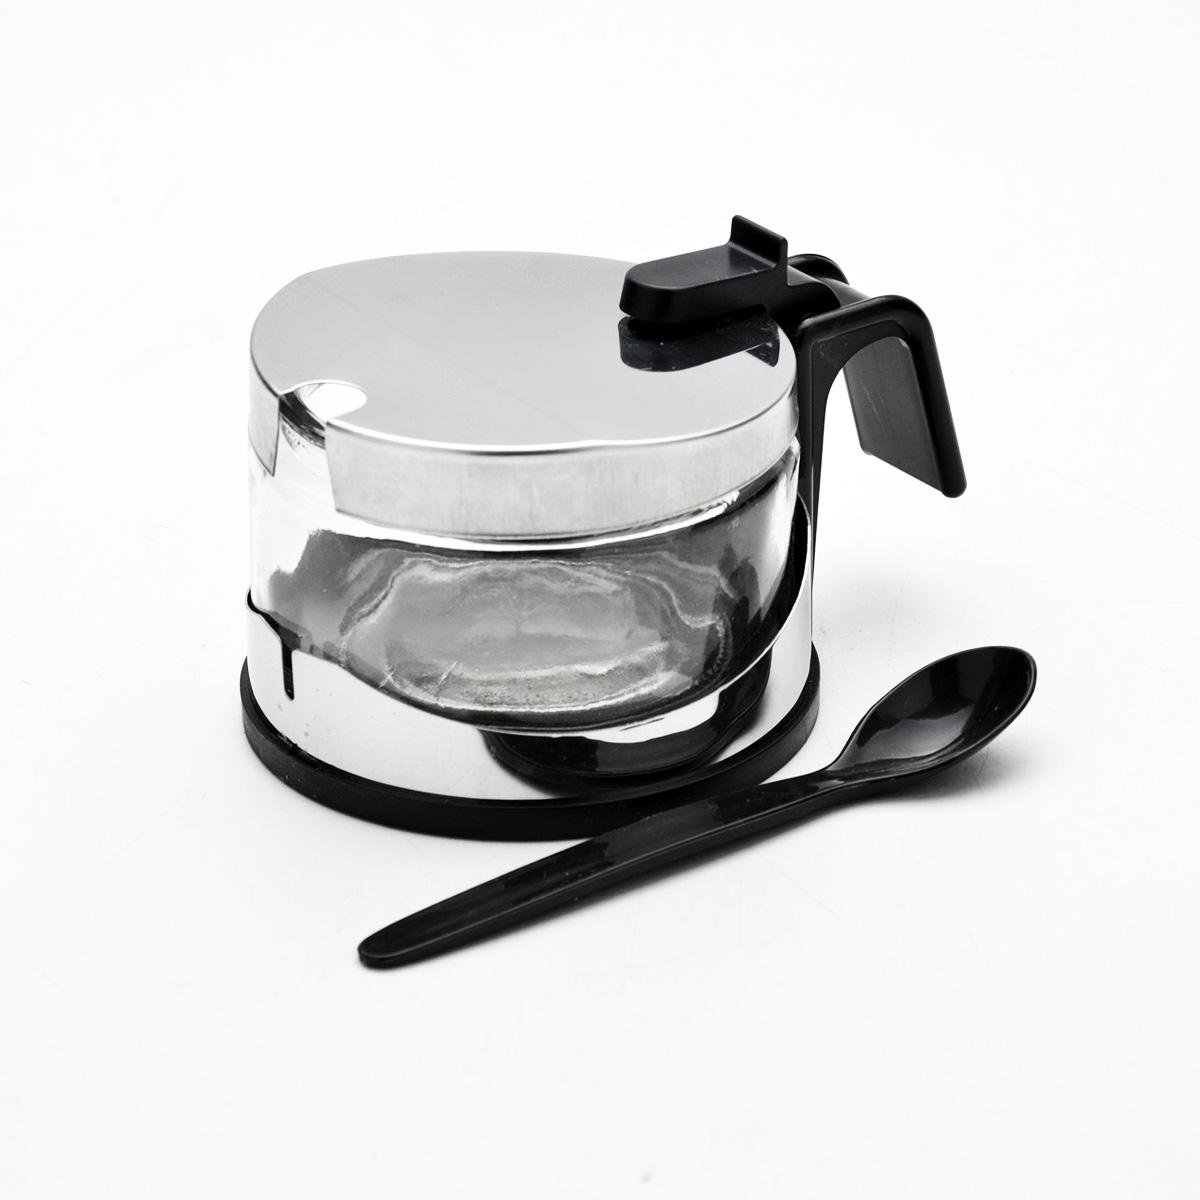 Сахарница Mayer & Boch, с ложечкой, 255 мл9197Сахарница Mayer & Boch изготовлена из высококачественной нержавеющей стали и стекла. Изделие оснащено крышкой с прорезью. В комплекте - специальная пластиковая ложечка. Сахарница имеет эффектный современный дизайн, поэтому будет выгодно смотреться на любой кухне. Стеклянная чаша легко вынимается из металлической подставки, поэтому изделие легко моется.